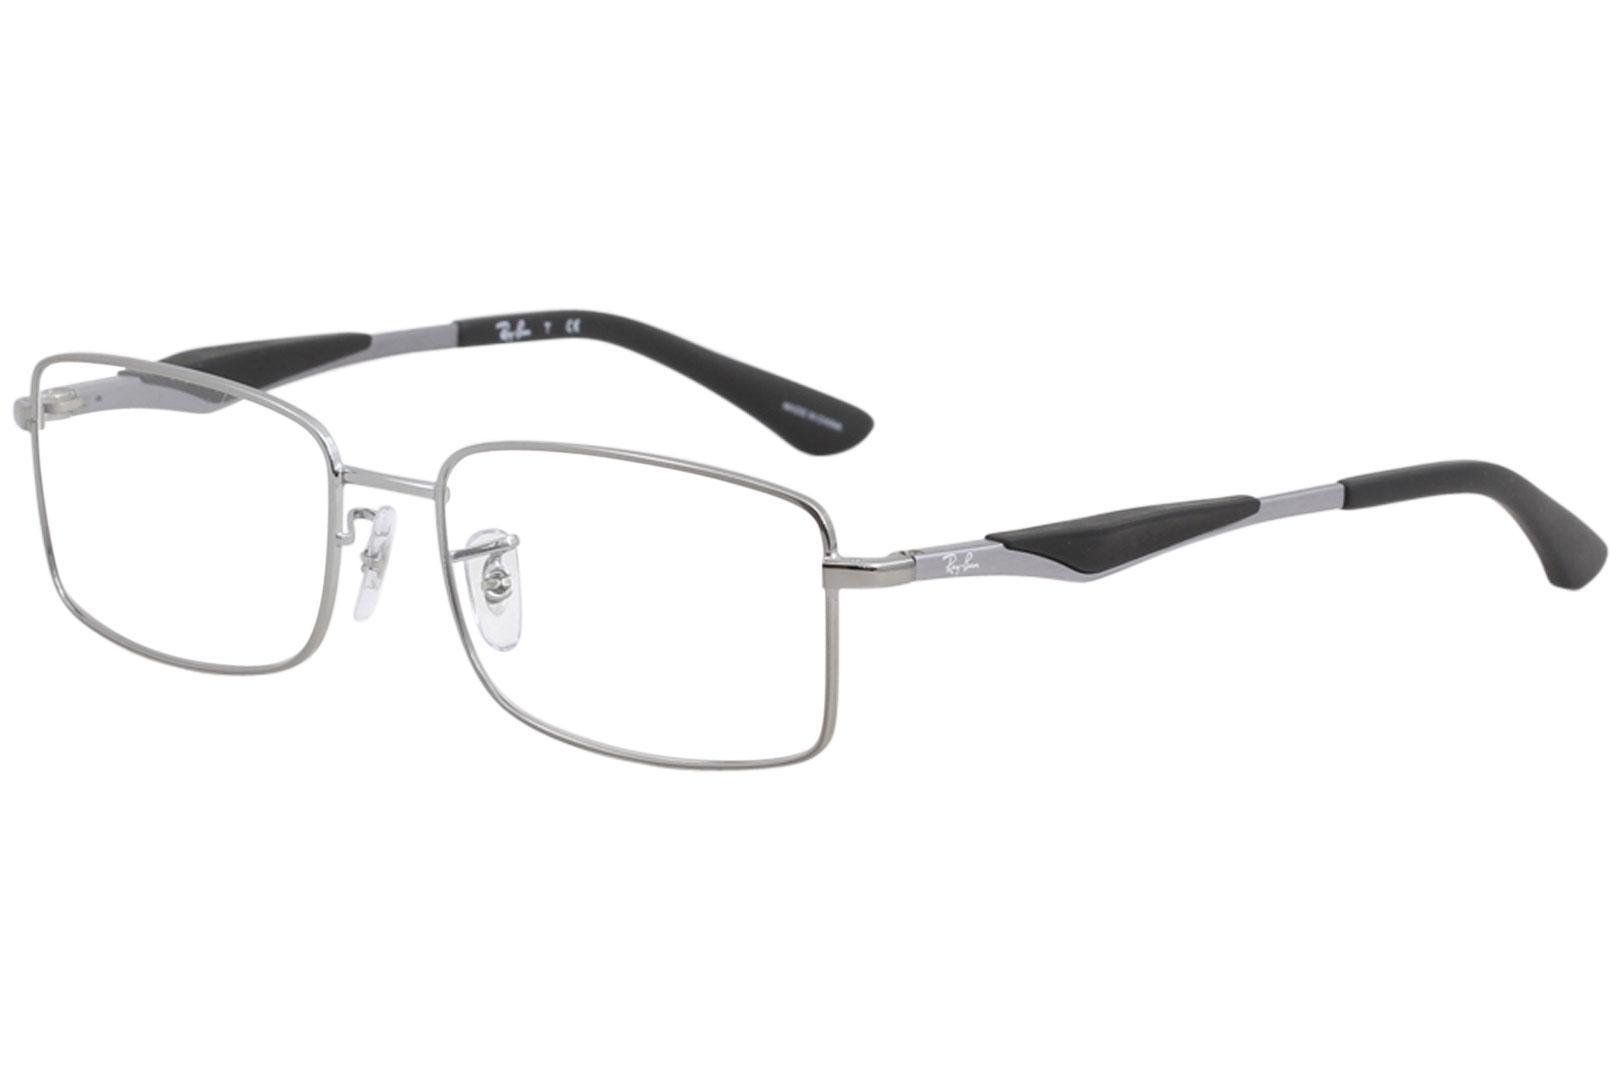 8eb21e5103 Ray Ban Men s Eyeglasses RX6284 RX 6284 2502 Gunmetal RayBan Optical ...